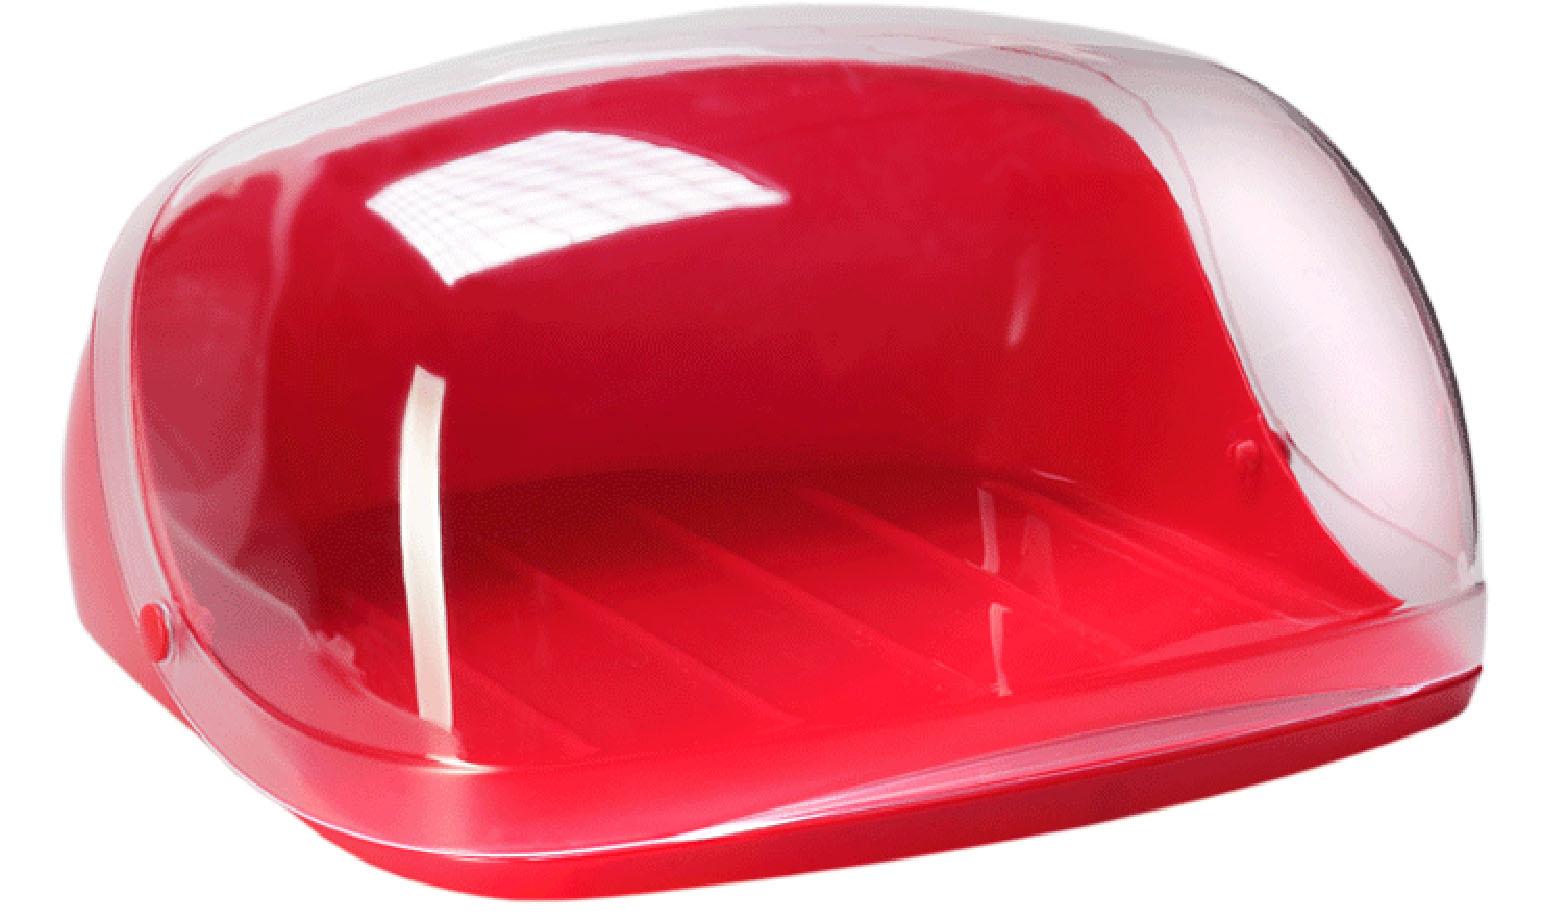 Хлебница Idea, цвет: красный, прозрачный, 31 х 24,5 х 14 смМ 1180Хлебница Idea, изготовленная из пищевого пластика, обеспечивает идеальные условия хранения для различных видов хлебобулочных изделий, надолго сохраняя их свежесть. Изделие оснащено плотно закрывающейся крышкой, защищая продукты от воздействия внешних факторов (запахов и влаги).Вместительность, функциональность и стильный дизайн позволят хлебнице стать не только незаменимым аксессуаром на кухне, но и предметом украшения интерьера. В ней хлеб всегда останется свежим и вкусным.